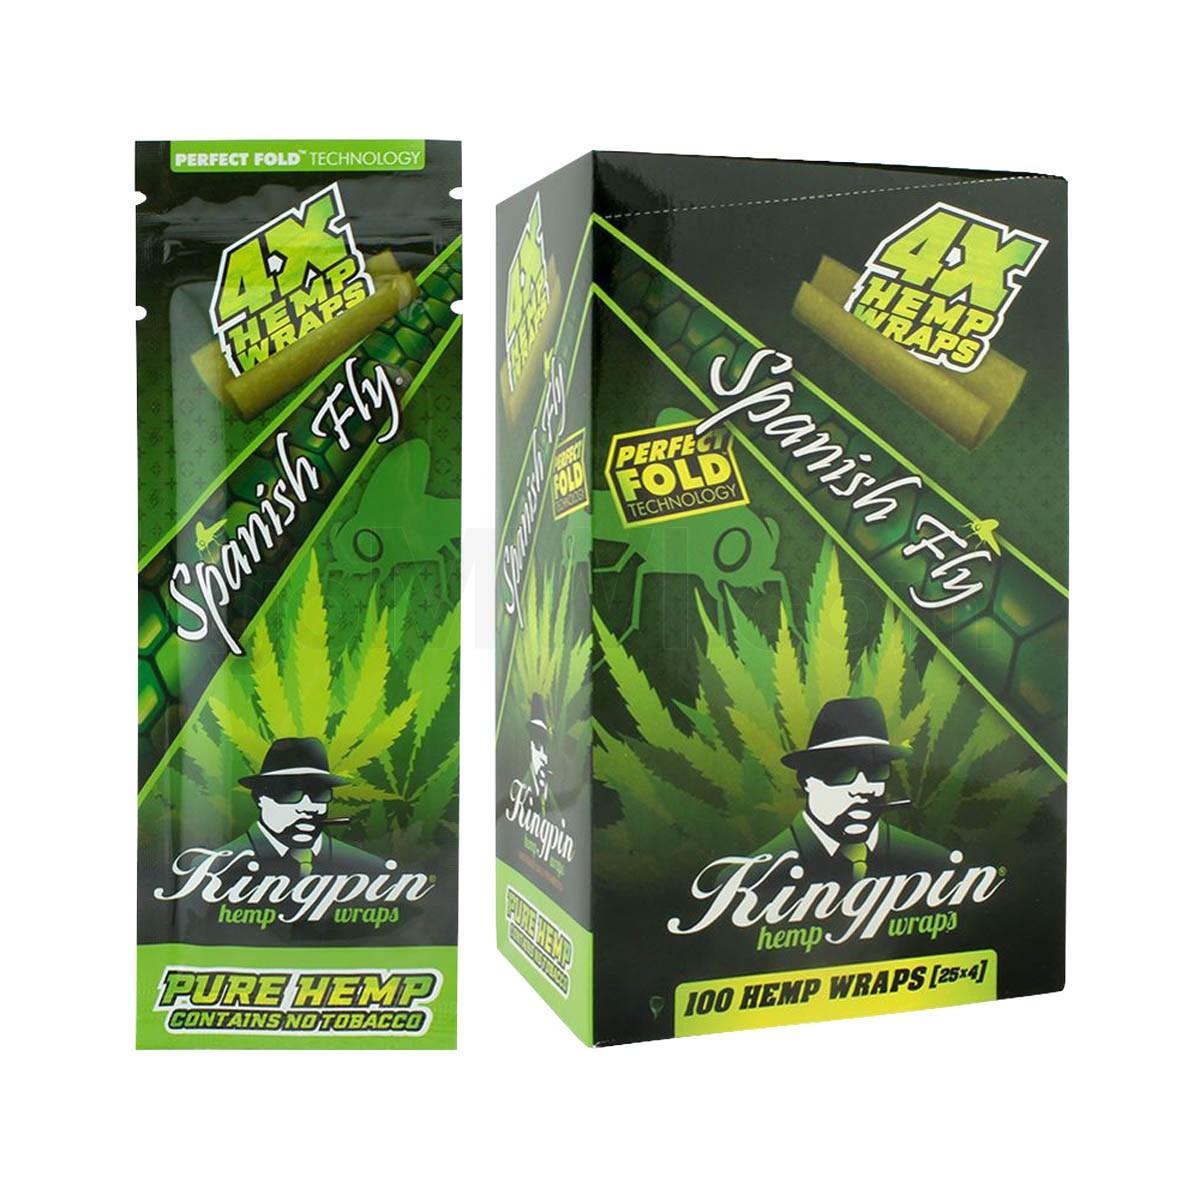 25PK DISPLAY Kingpin Hemp Wrap 4pc Original G